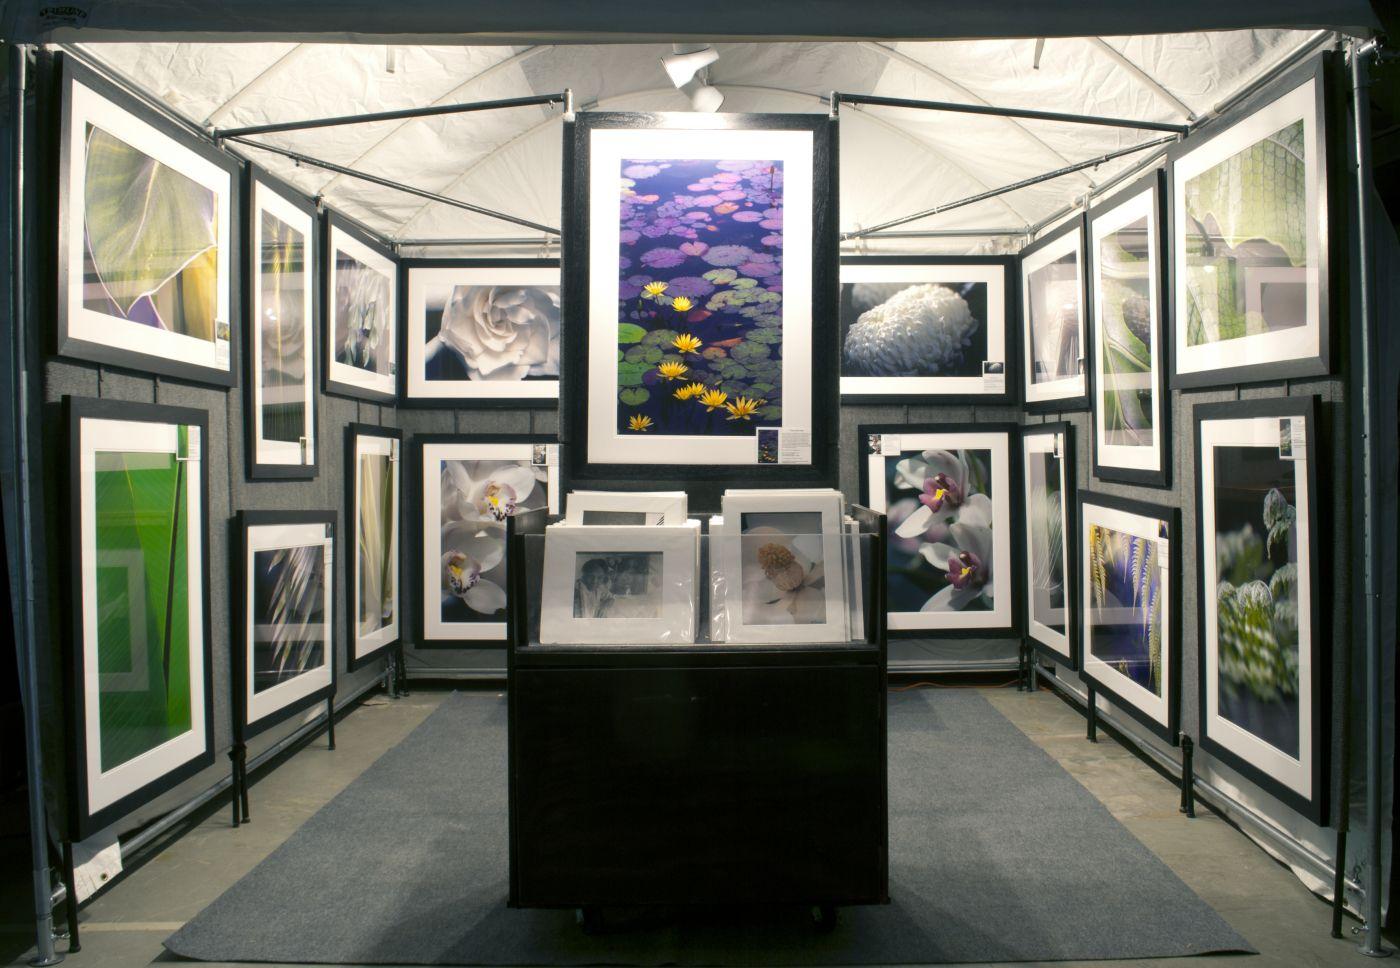 Booth Review Art Fair Insiders Art fair booth, Art